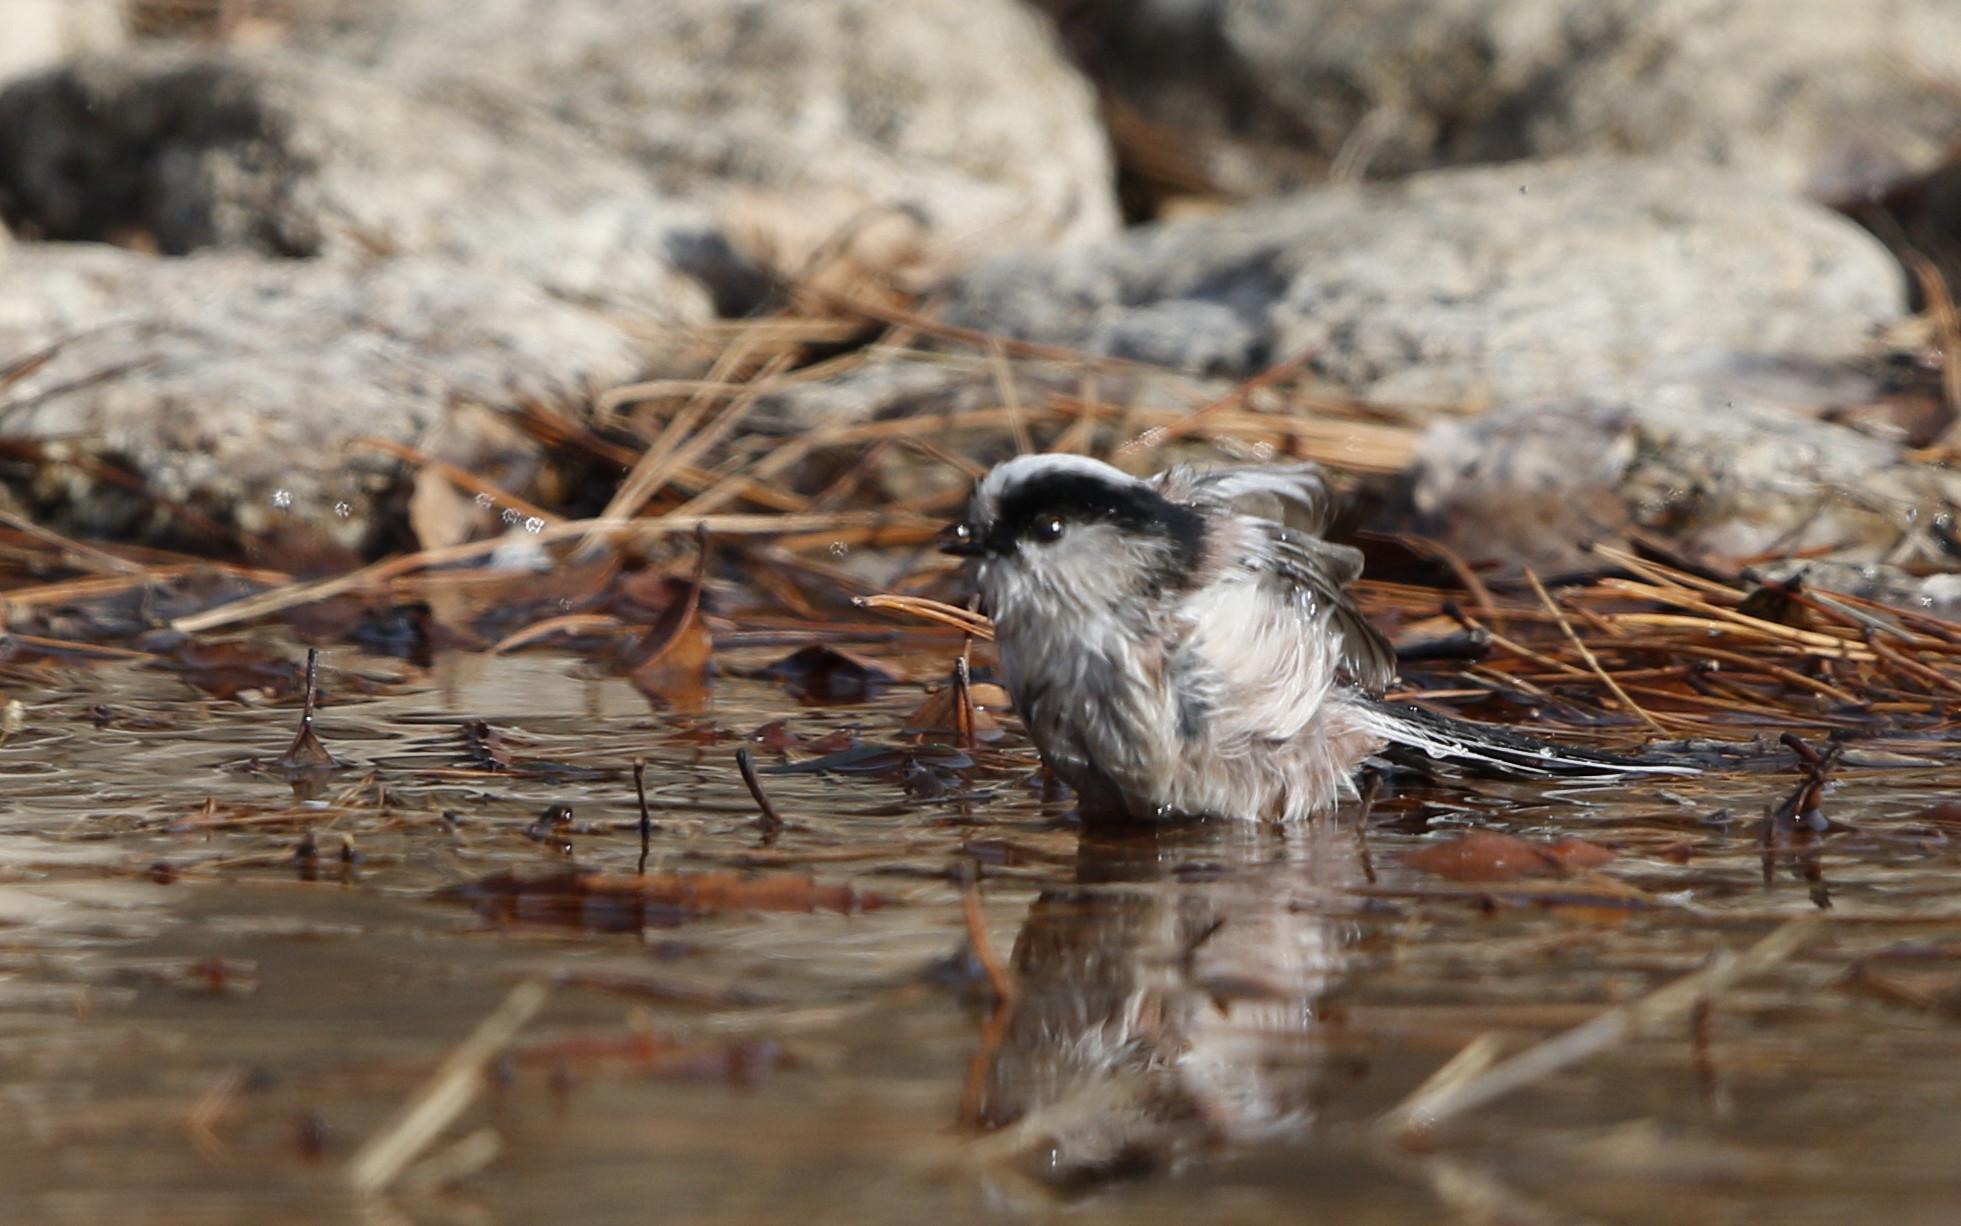 公園の水場で野鳥を待つ その3(エナガの水浴び)_f0239515_16462093.jpg